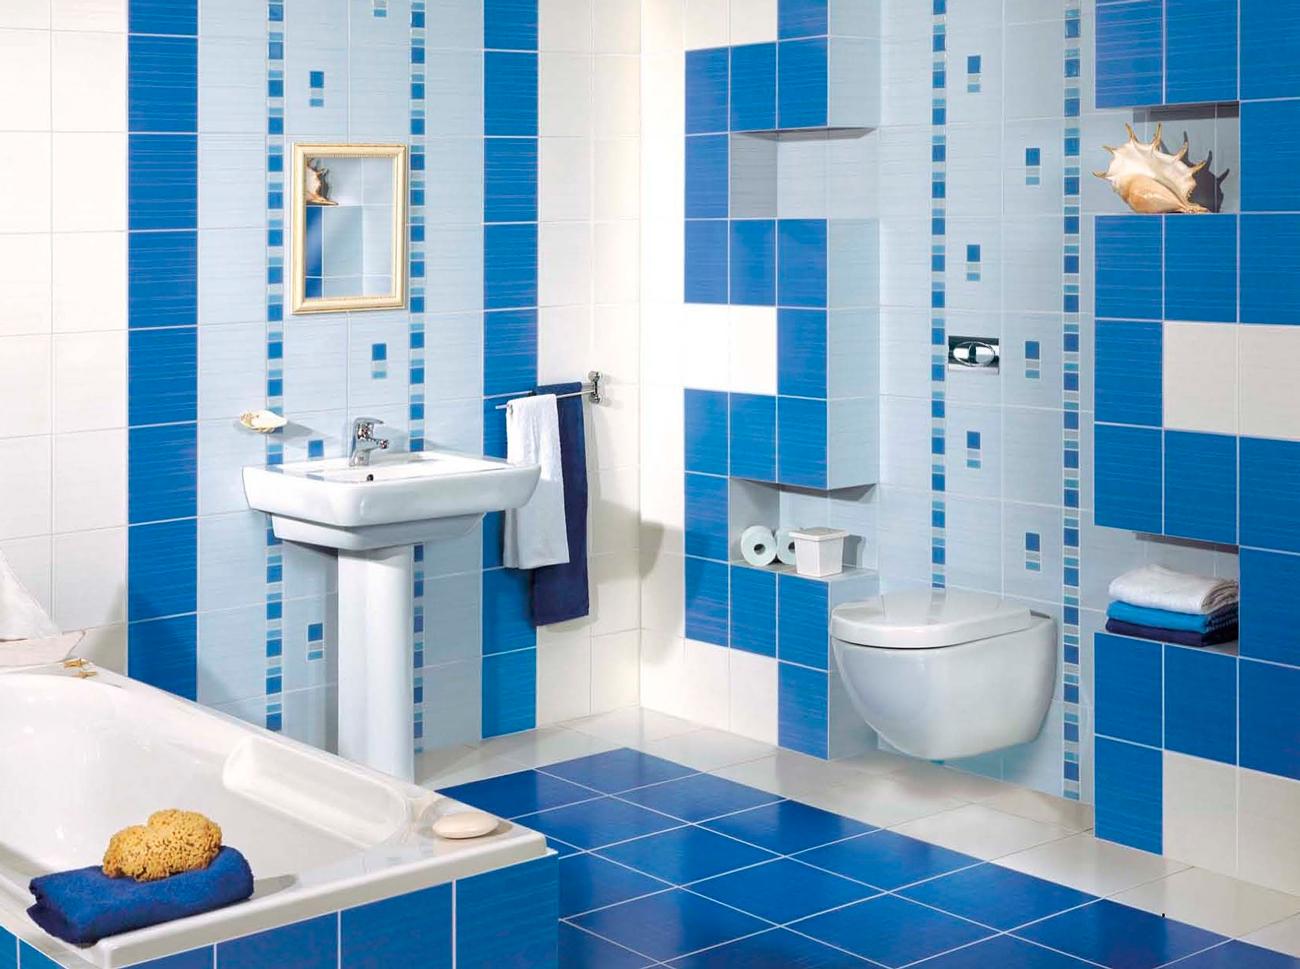 плитка в маленькую ванную сине-белая работа очень выделяется